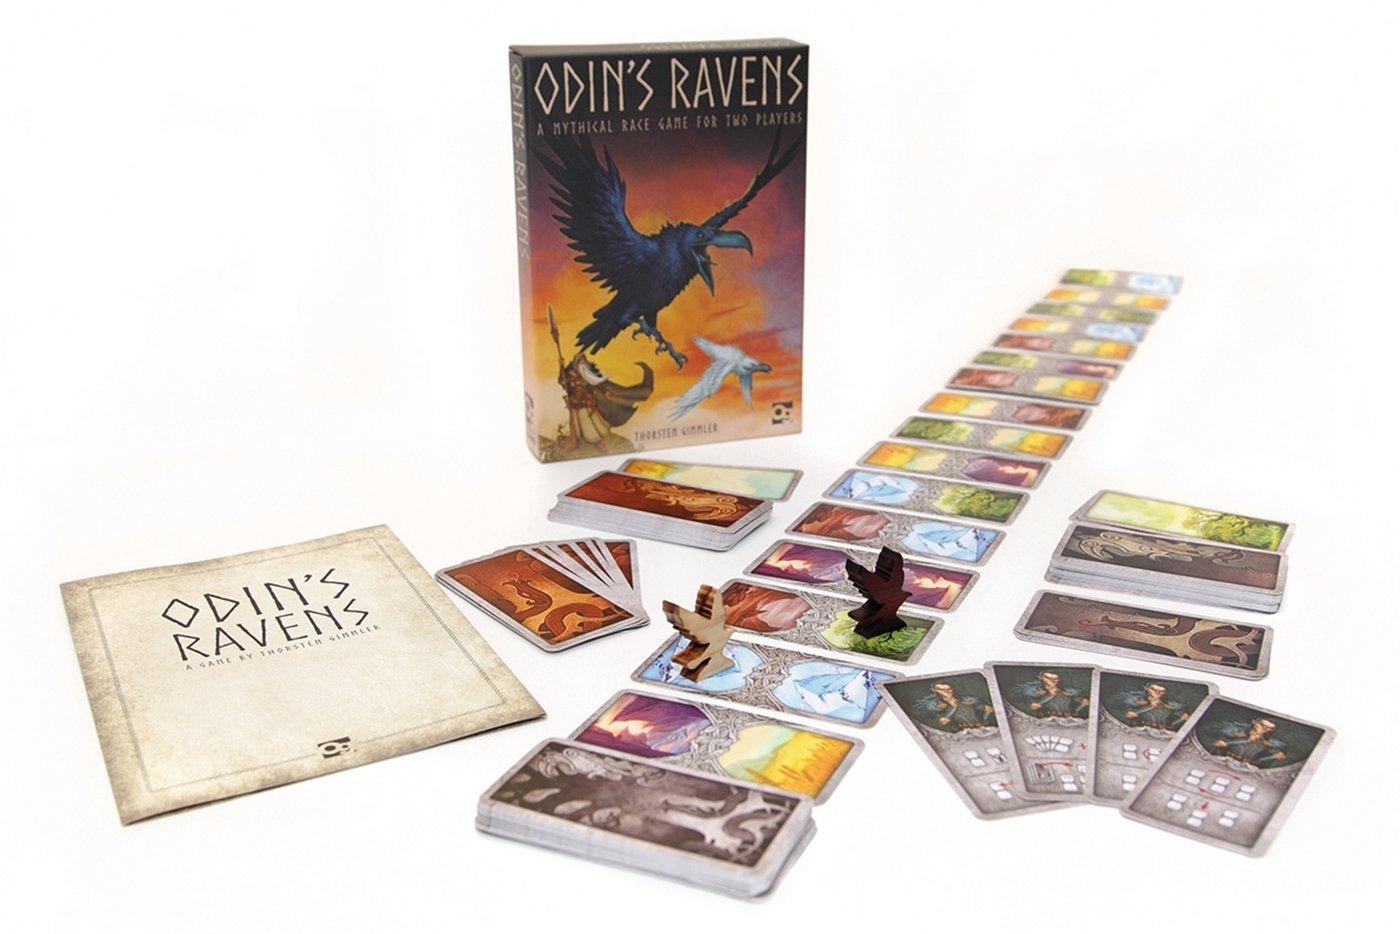 Egerkrans Odins Ravens